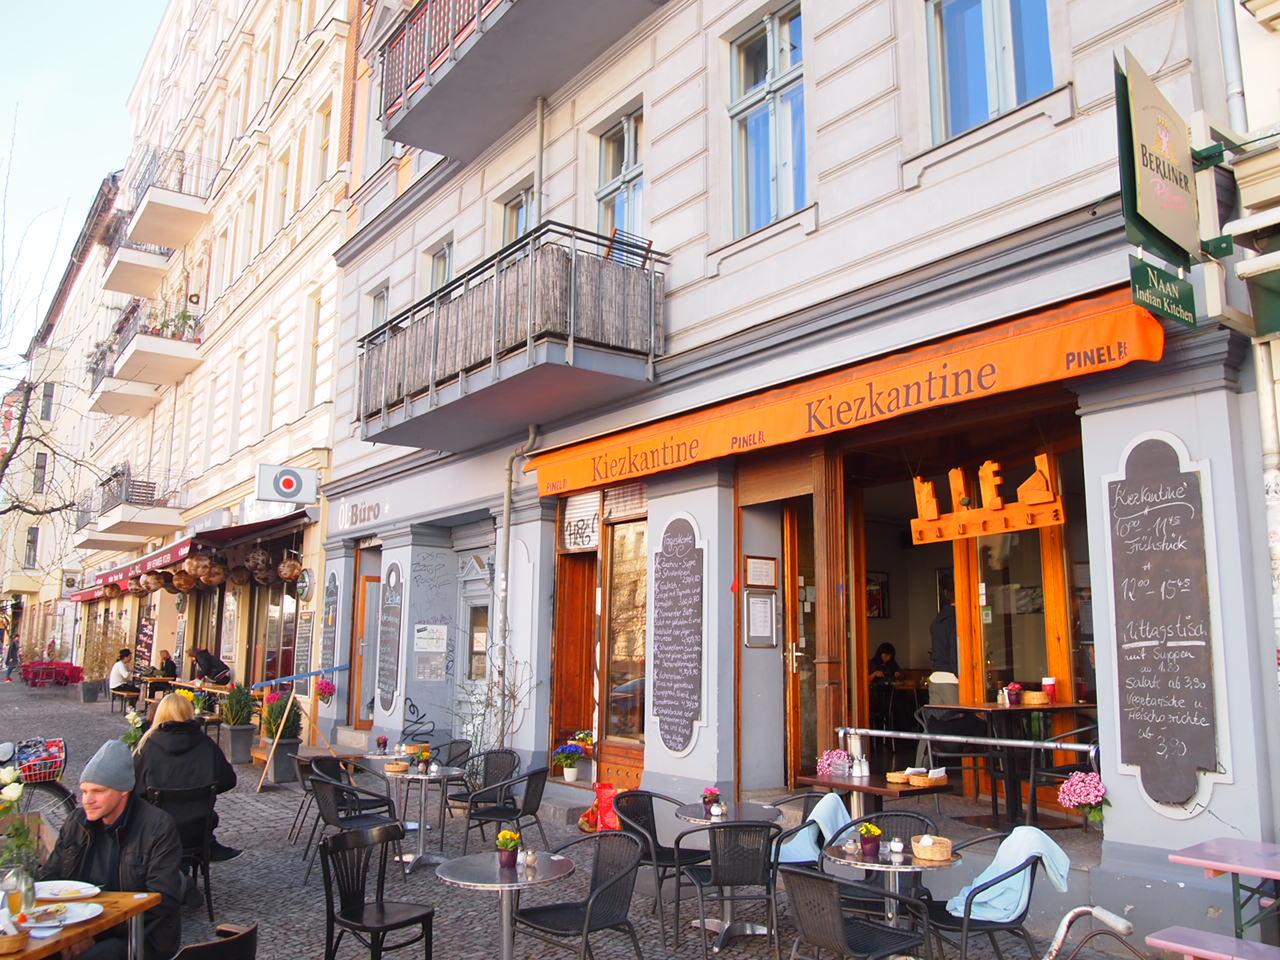 ベルリンのカフェにある学割ランチがスゴかった